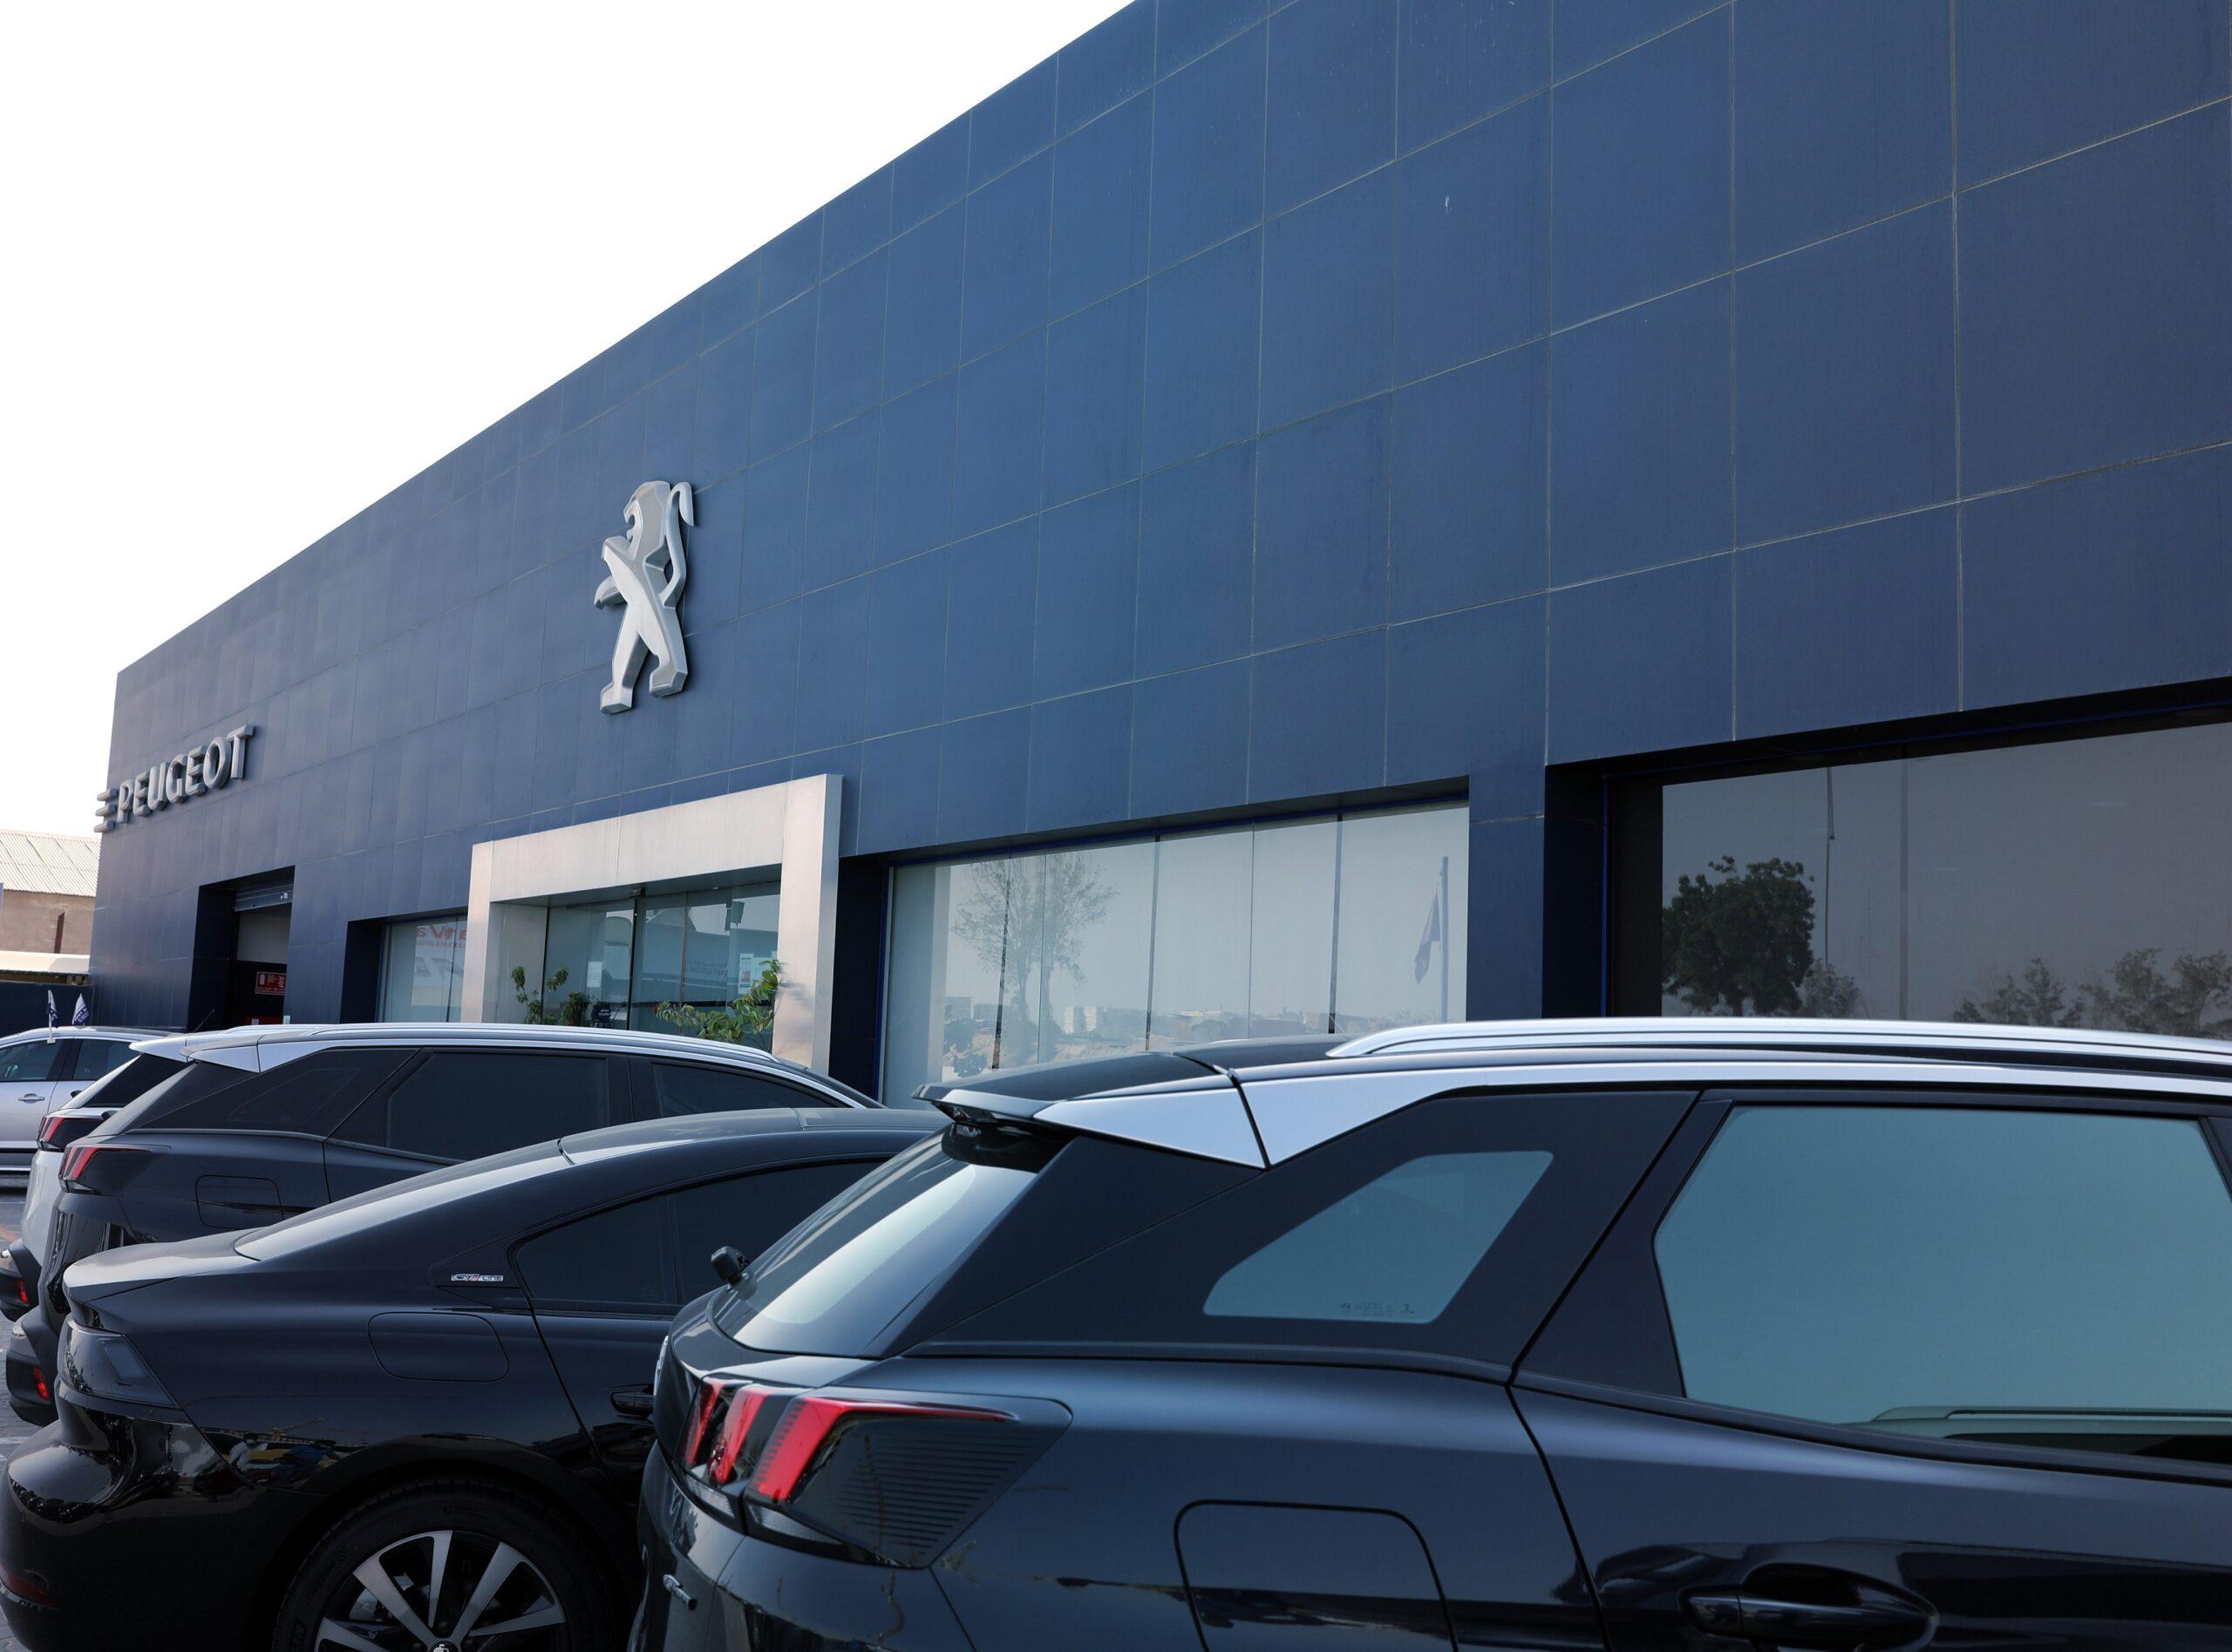 Peugeot service centre